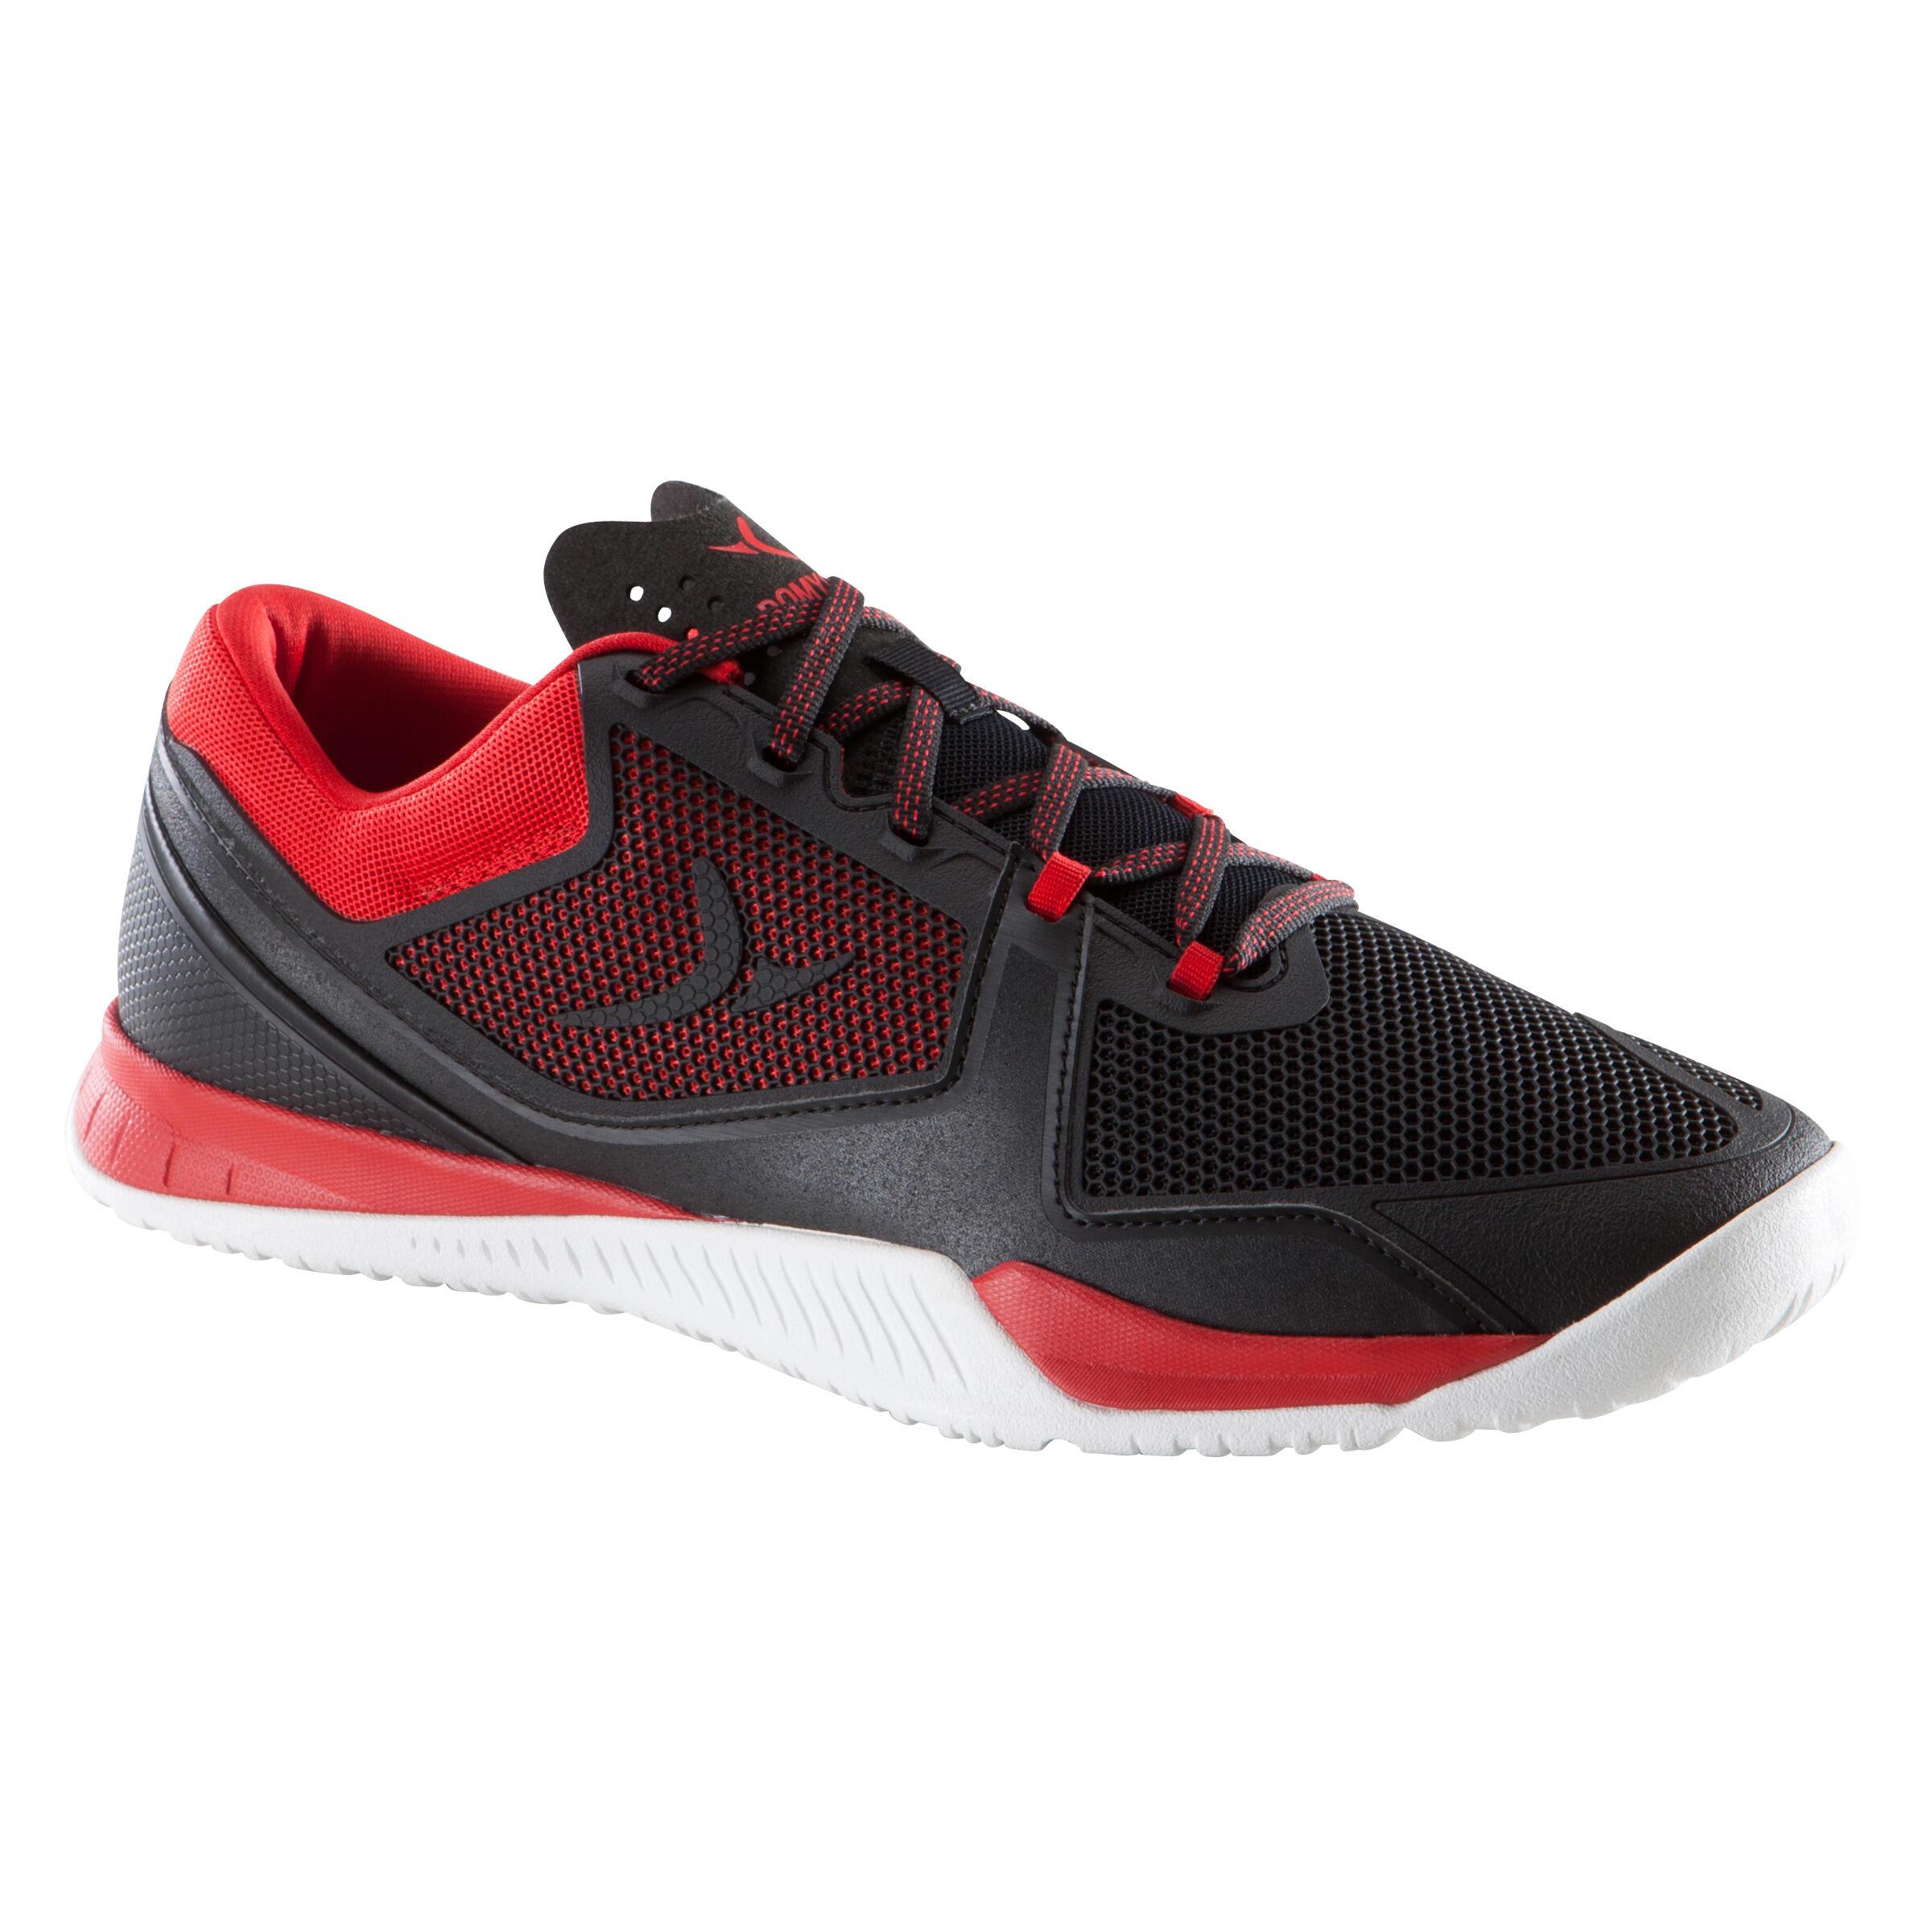 Chaussure de cross-fit homme noir et rouge Strong 900